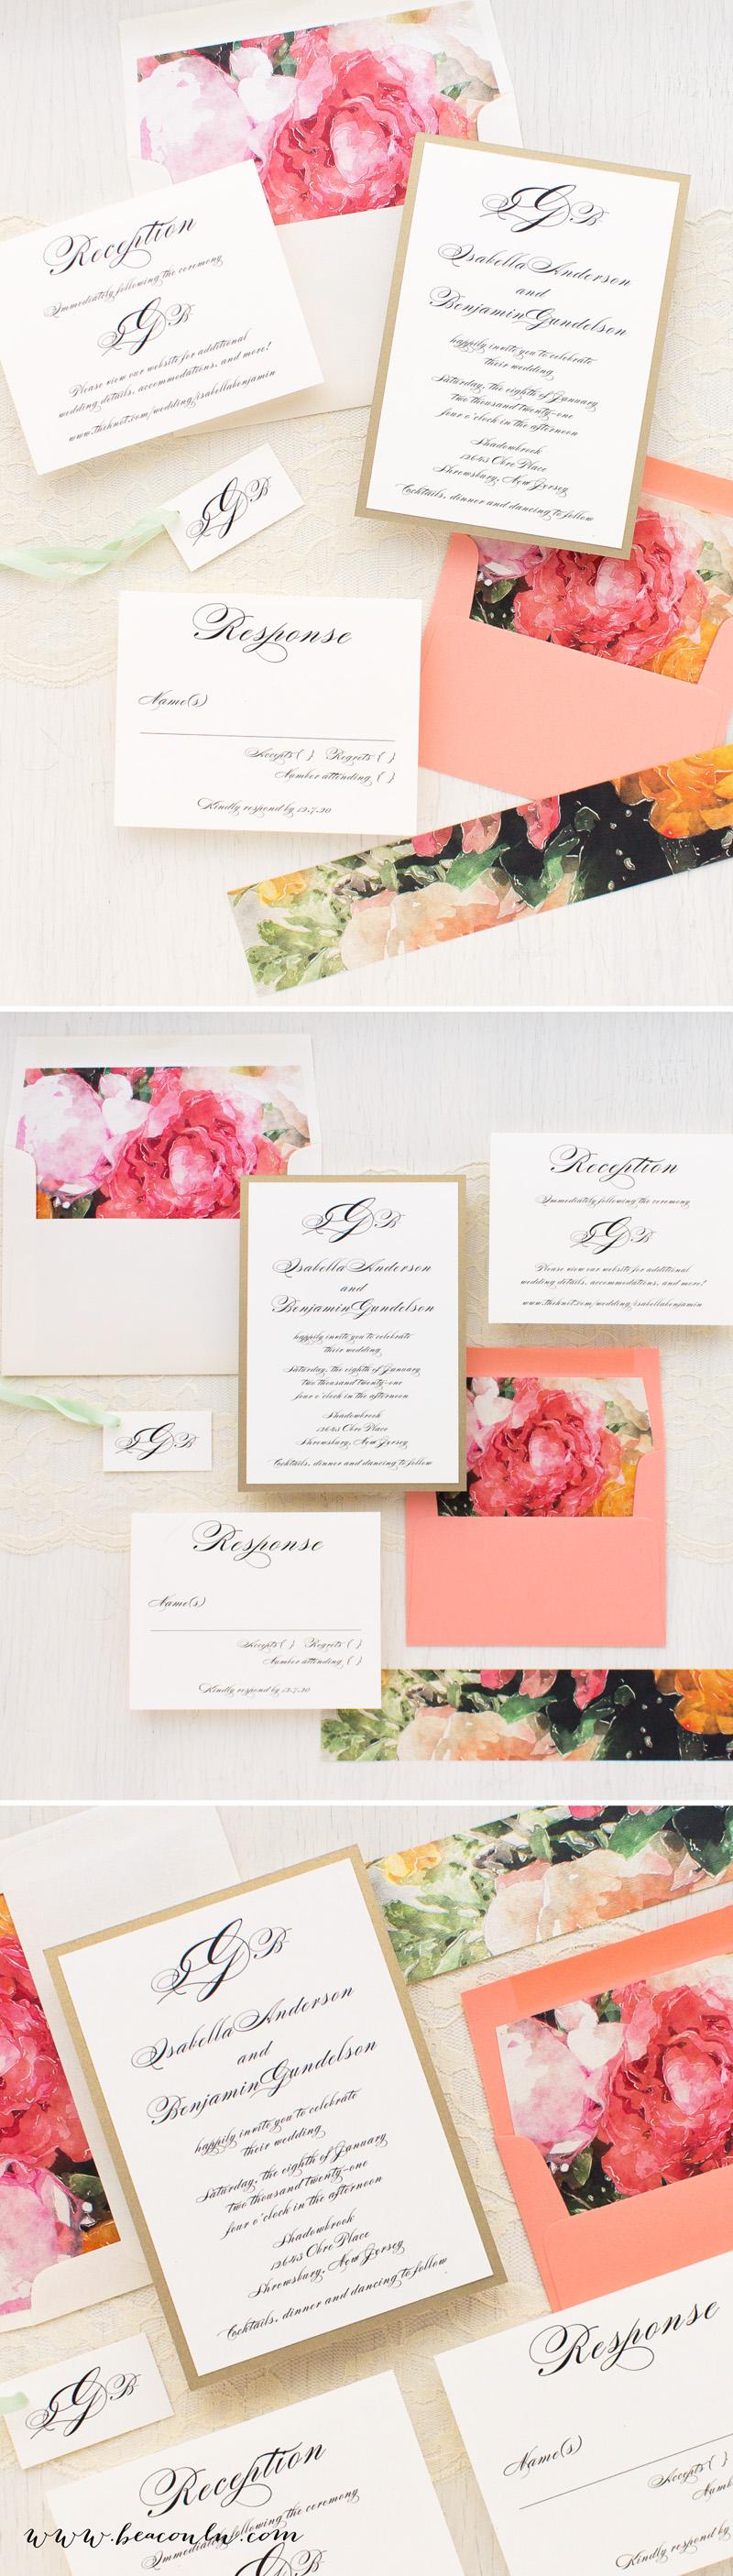 Pink Petals Wedding Invitations | Pinterest | Pink petals, Wedding ...